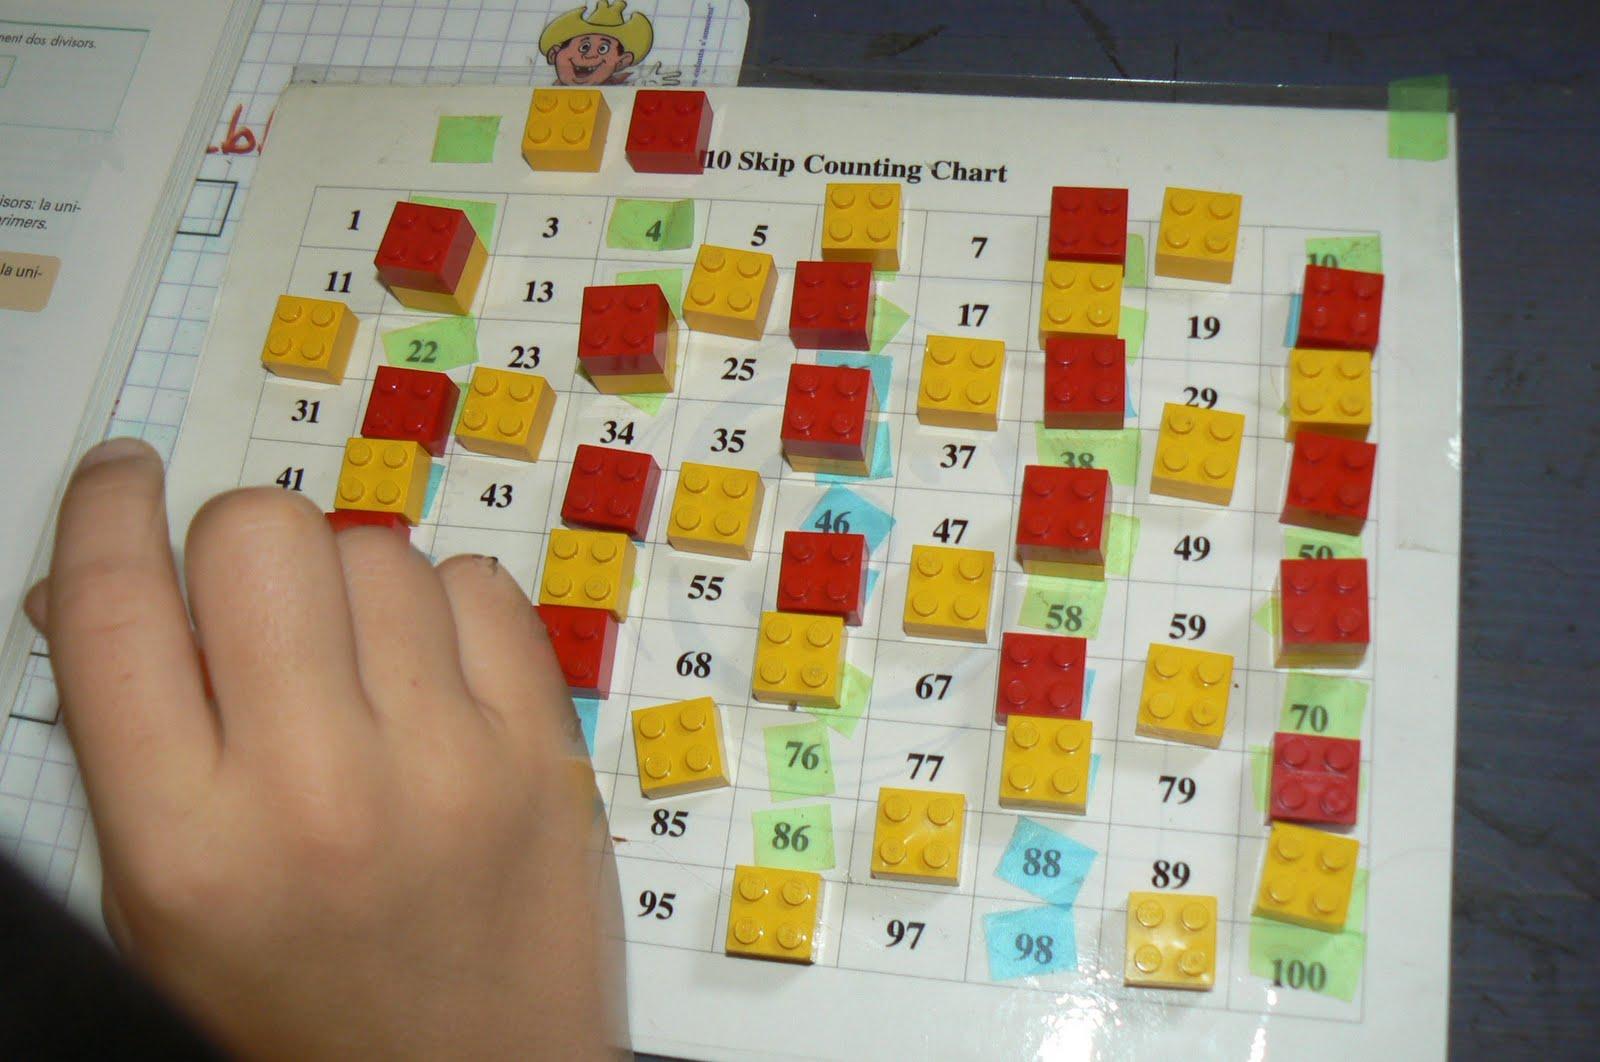 Orca observar recordar crecer y aprender multiples divisores un lego blanco en todos los mltiples de 6 negro en 7 verde en 8 gris en 9 beige en 11 no pusimos en los multiples de 10 porque ya estaban cubiertos de urtaz Images